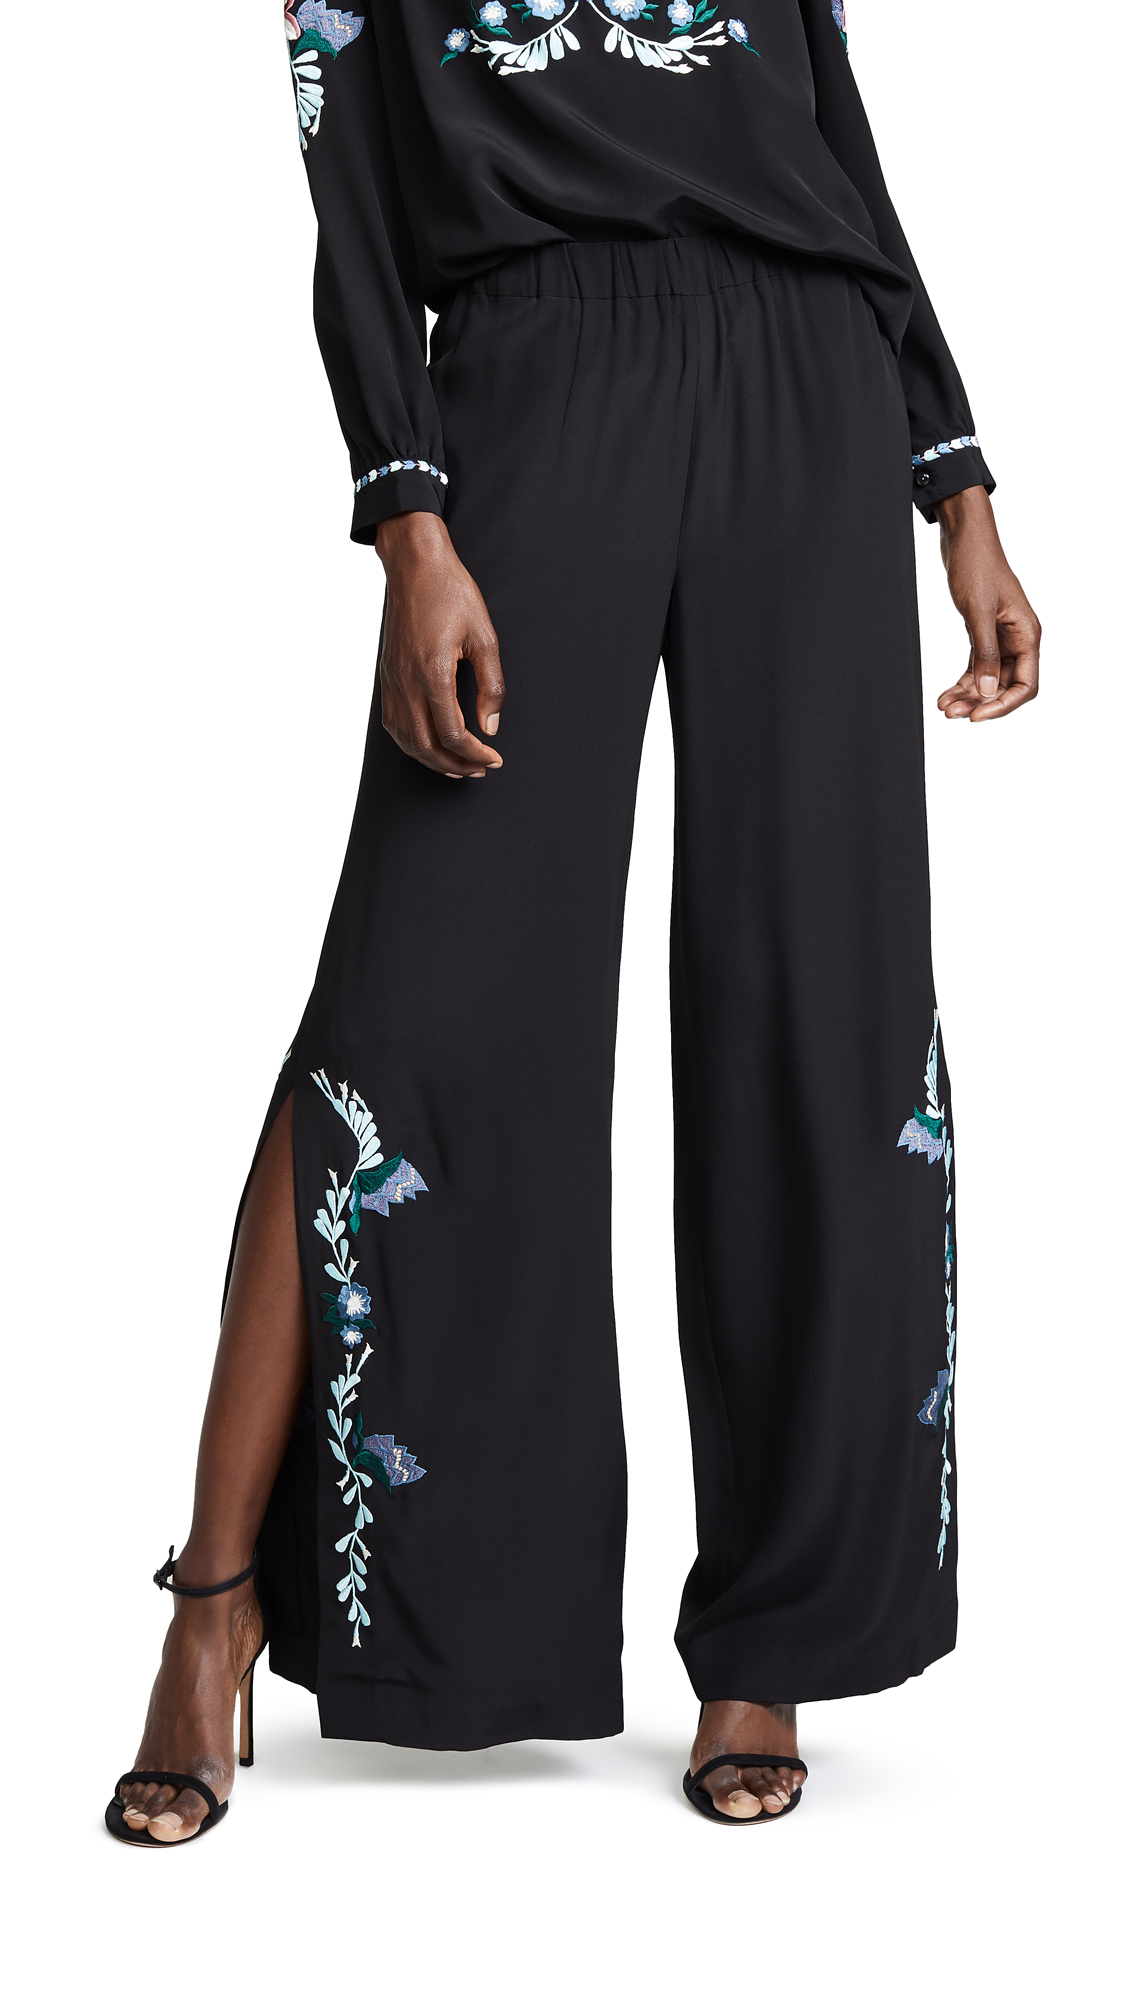 VILSHENKO Kady Side Split Trousers in Black